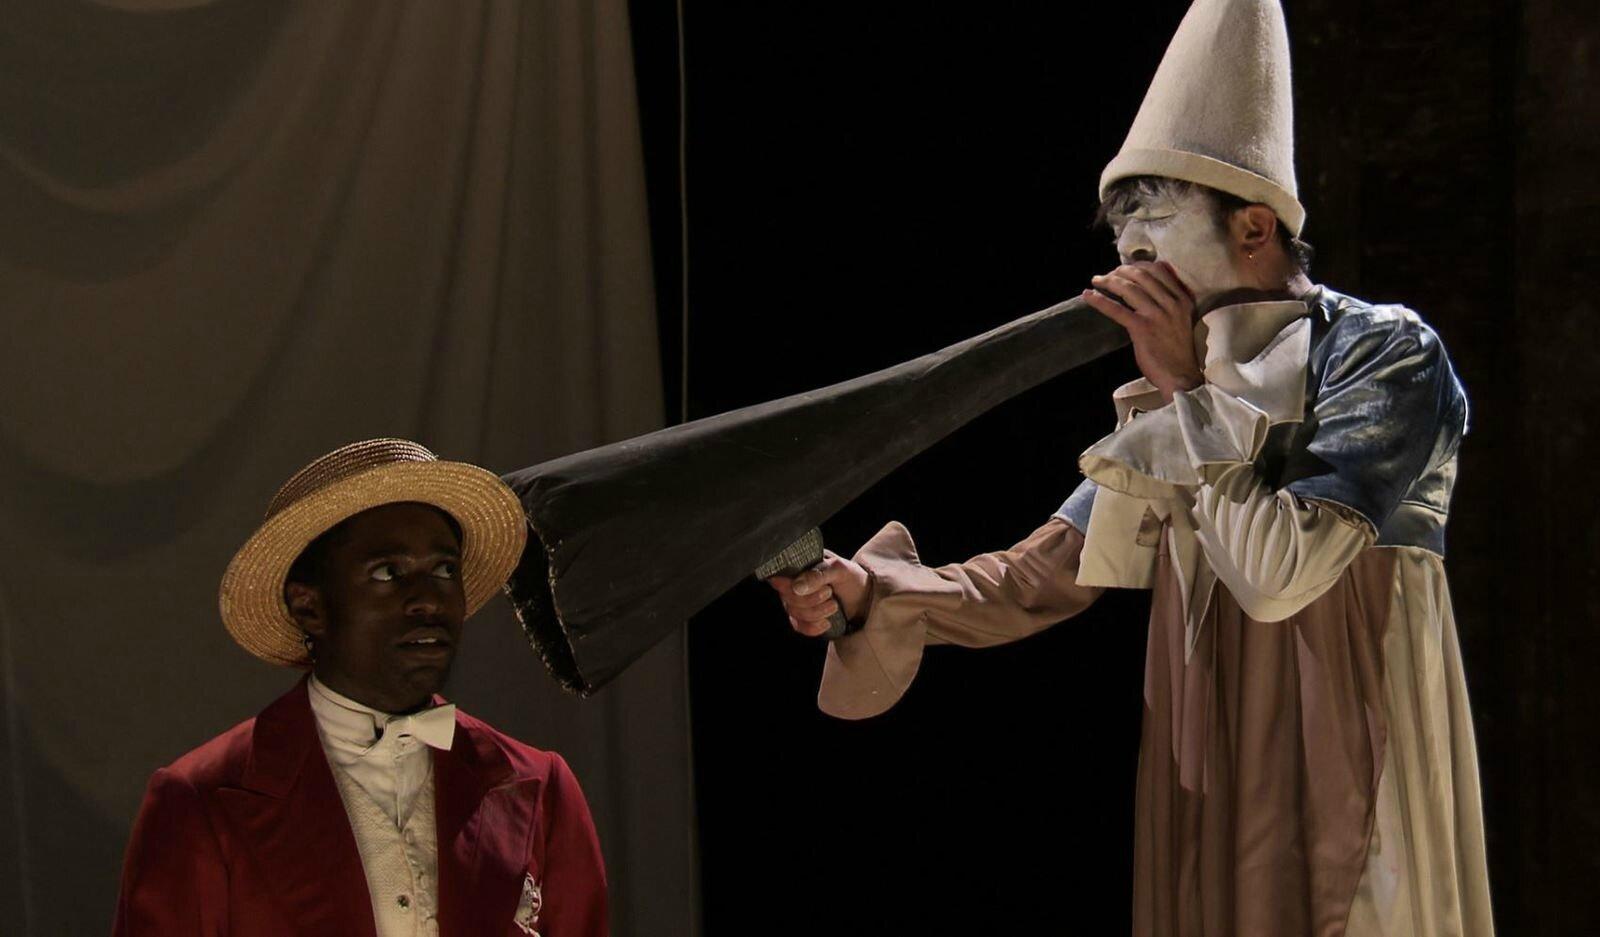 C'est en France que cet esclave a connu la liberté, c'est en France qu'il a connu la dignité, qu'il a cessé d'être un esclave.